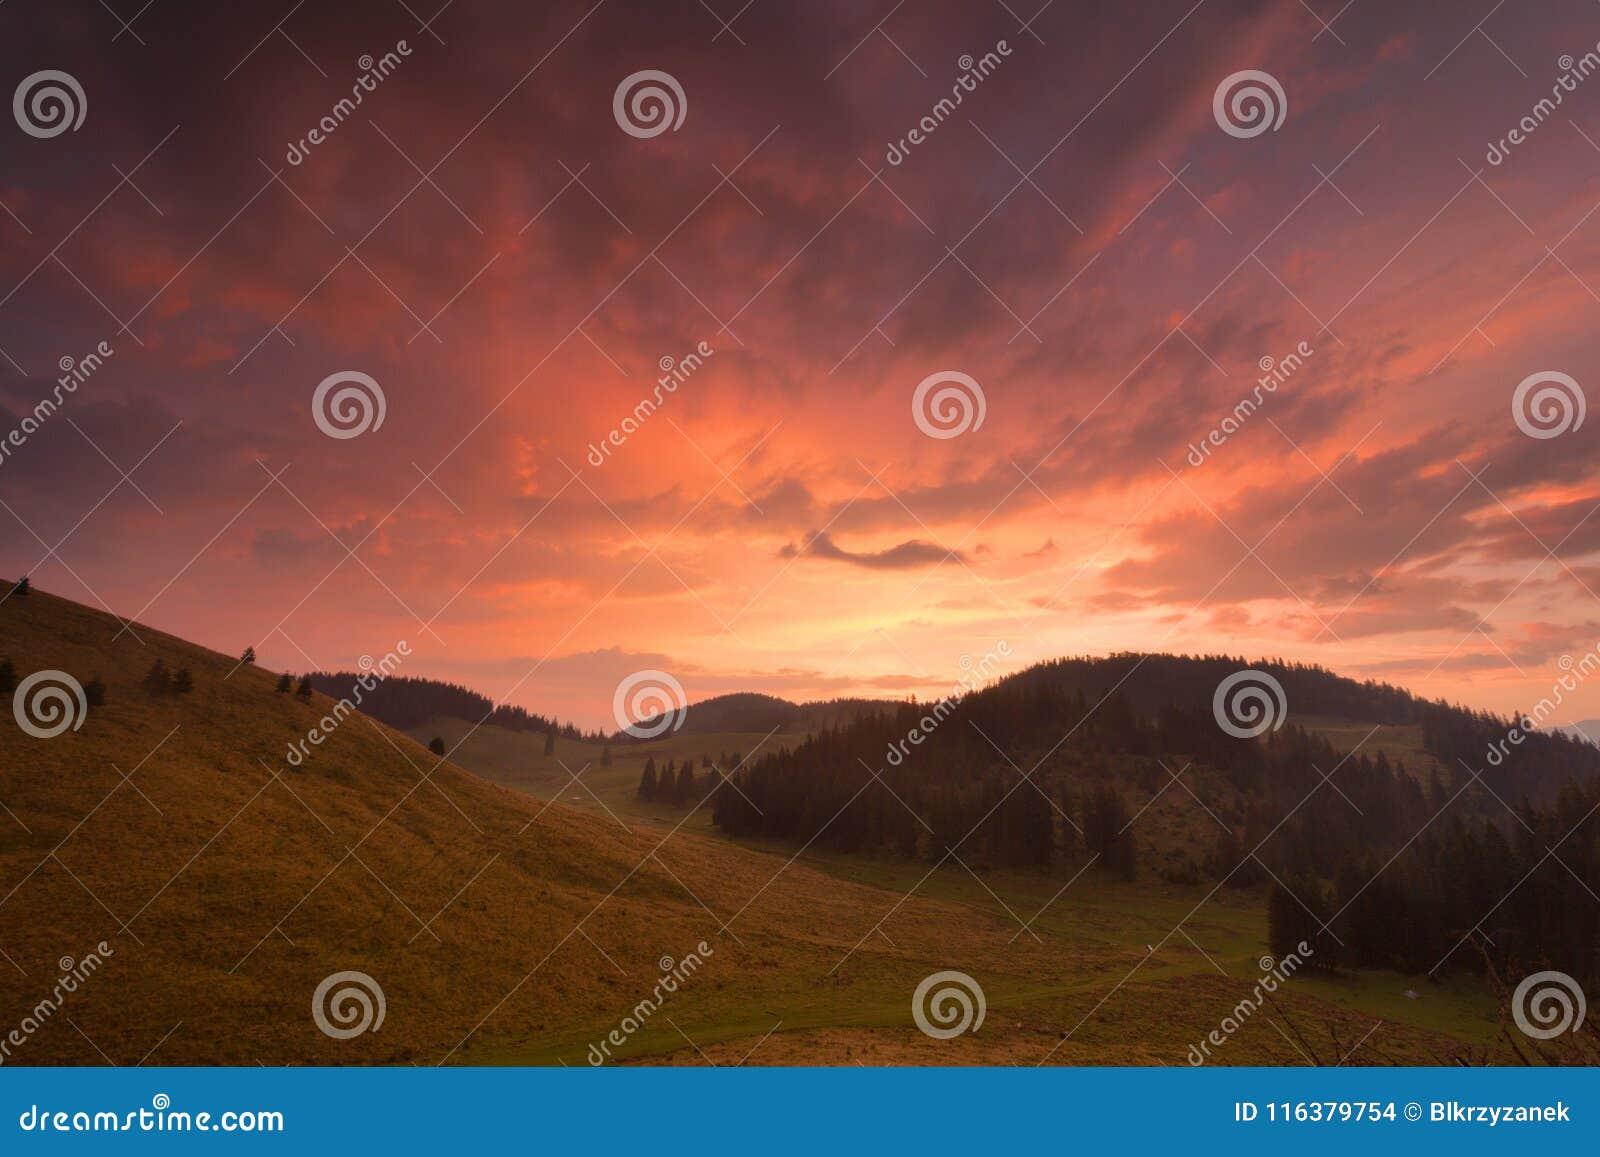 Lever de soleil après pluie sur un pâturage de montagne en Roumanie